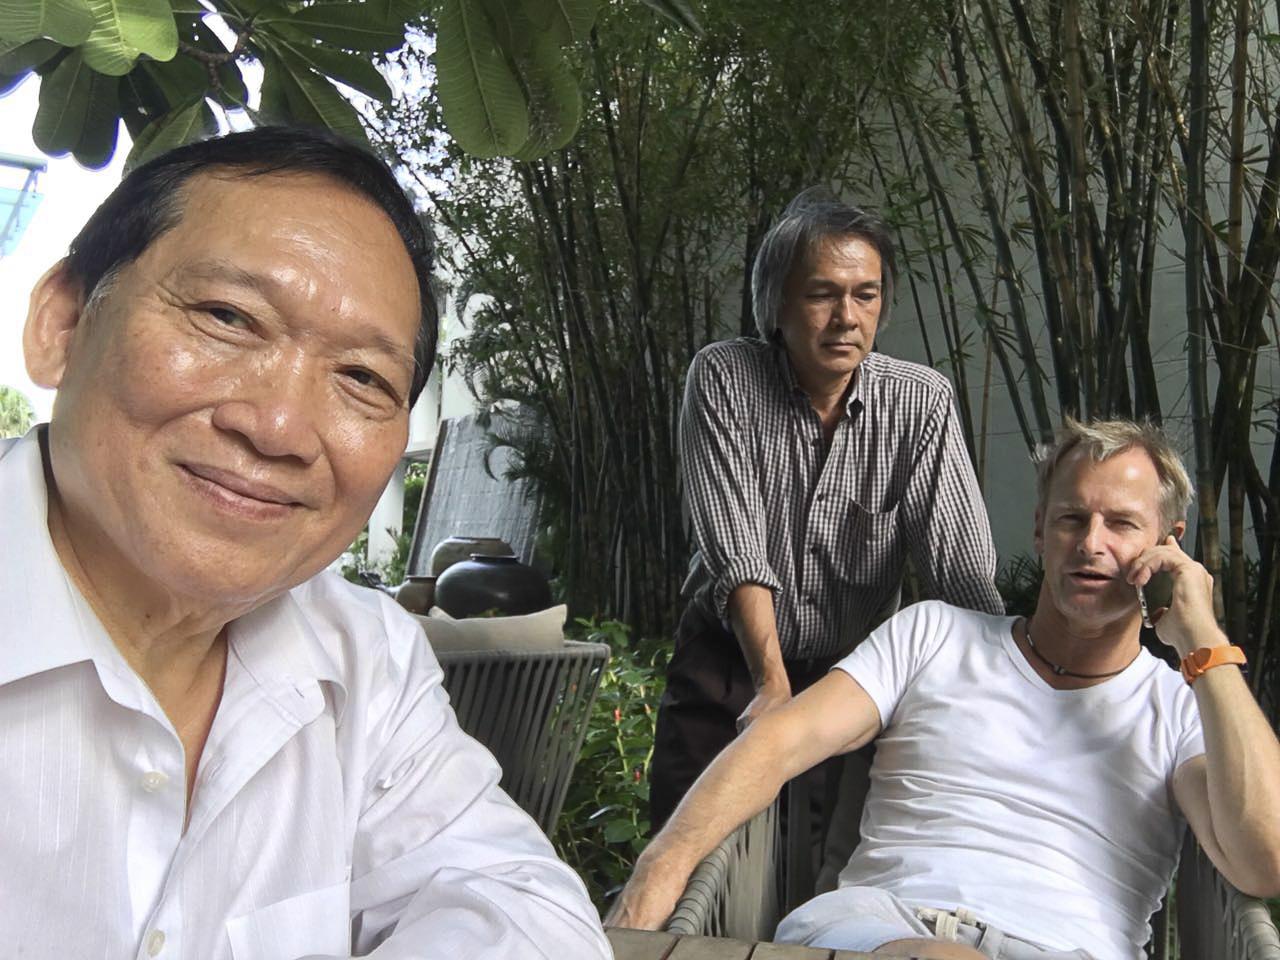 Unser Country Manager, Khun Tira, links, ist wie mein Pi Chai - wie ein großer Bruder für mich